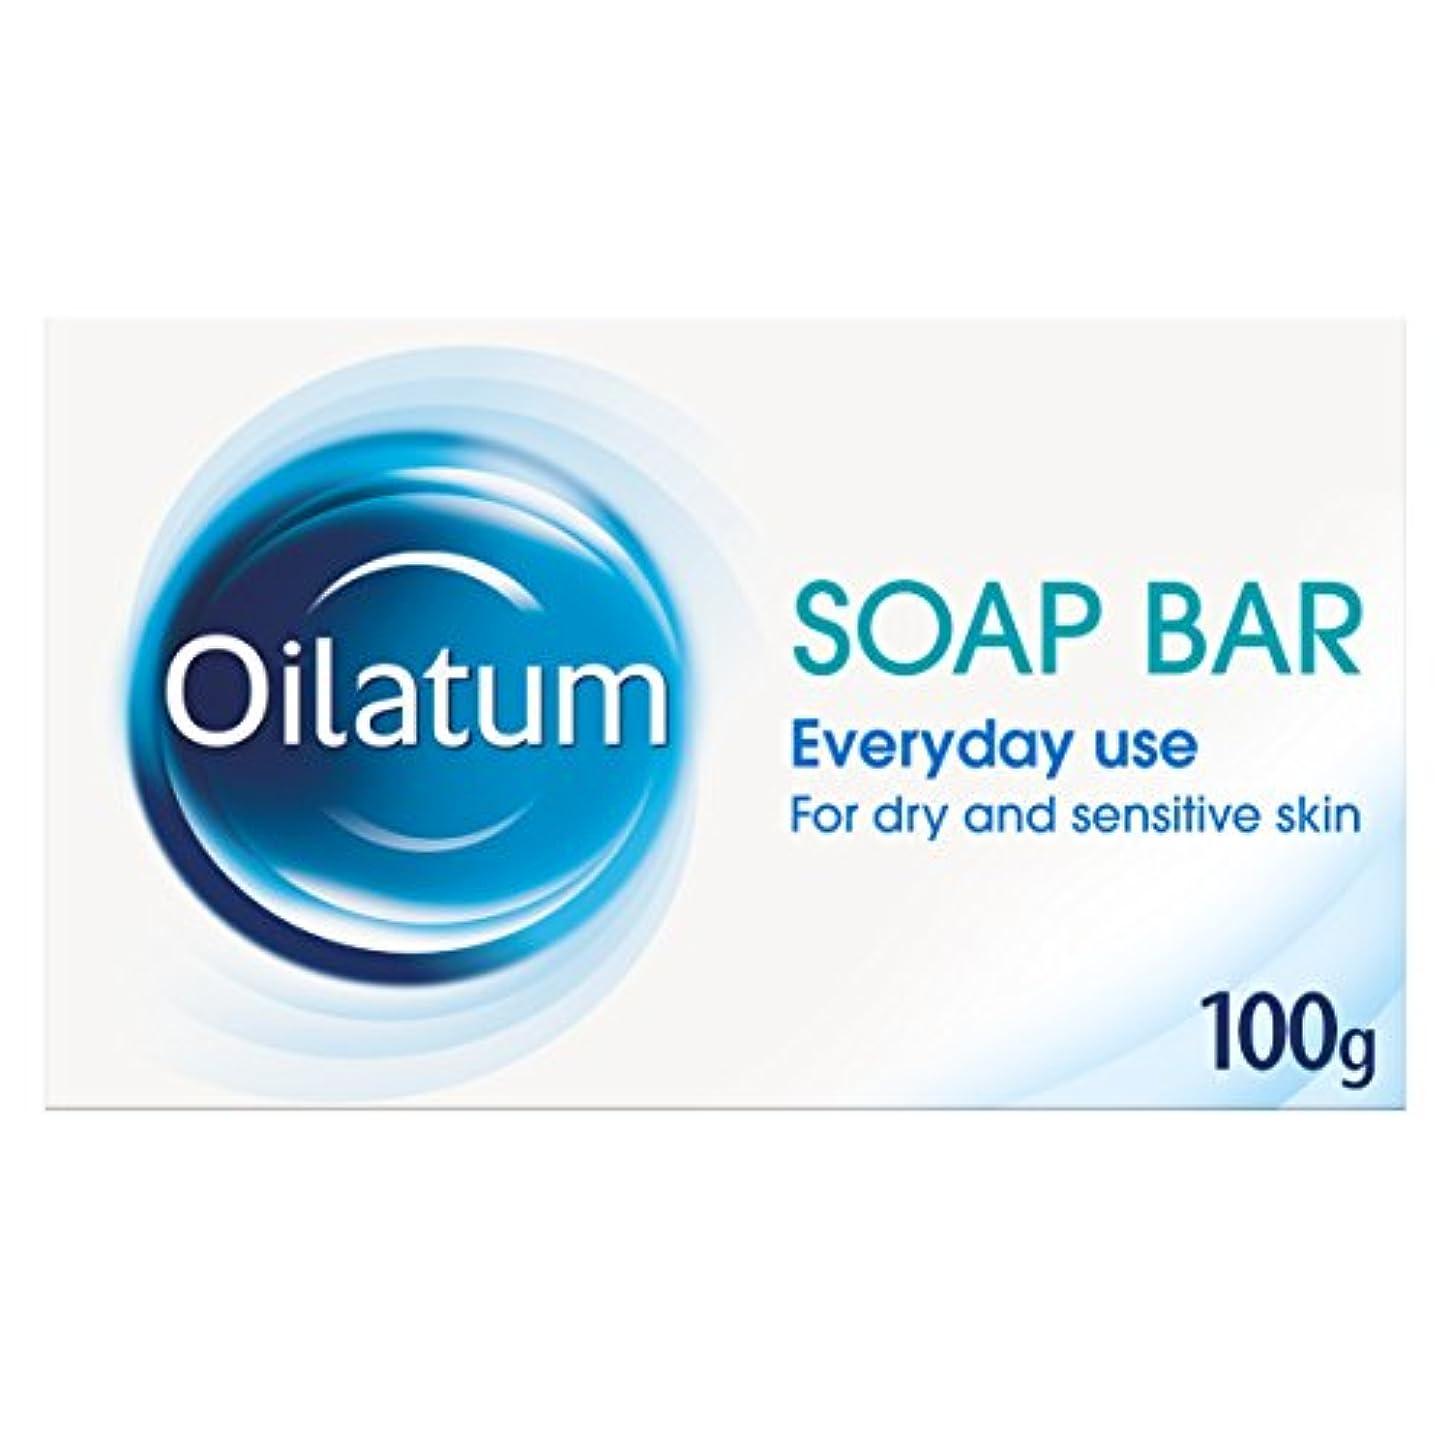 Oilatum 100g Soap Bar for Dry Skin [並行輸入品]